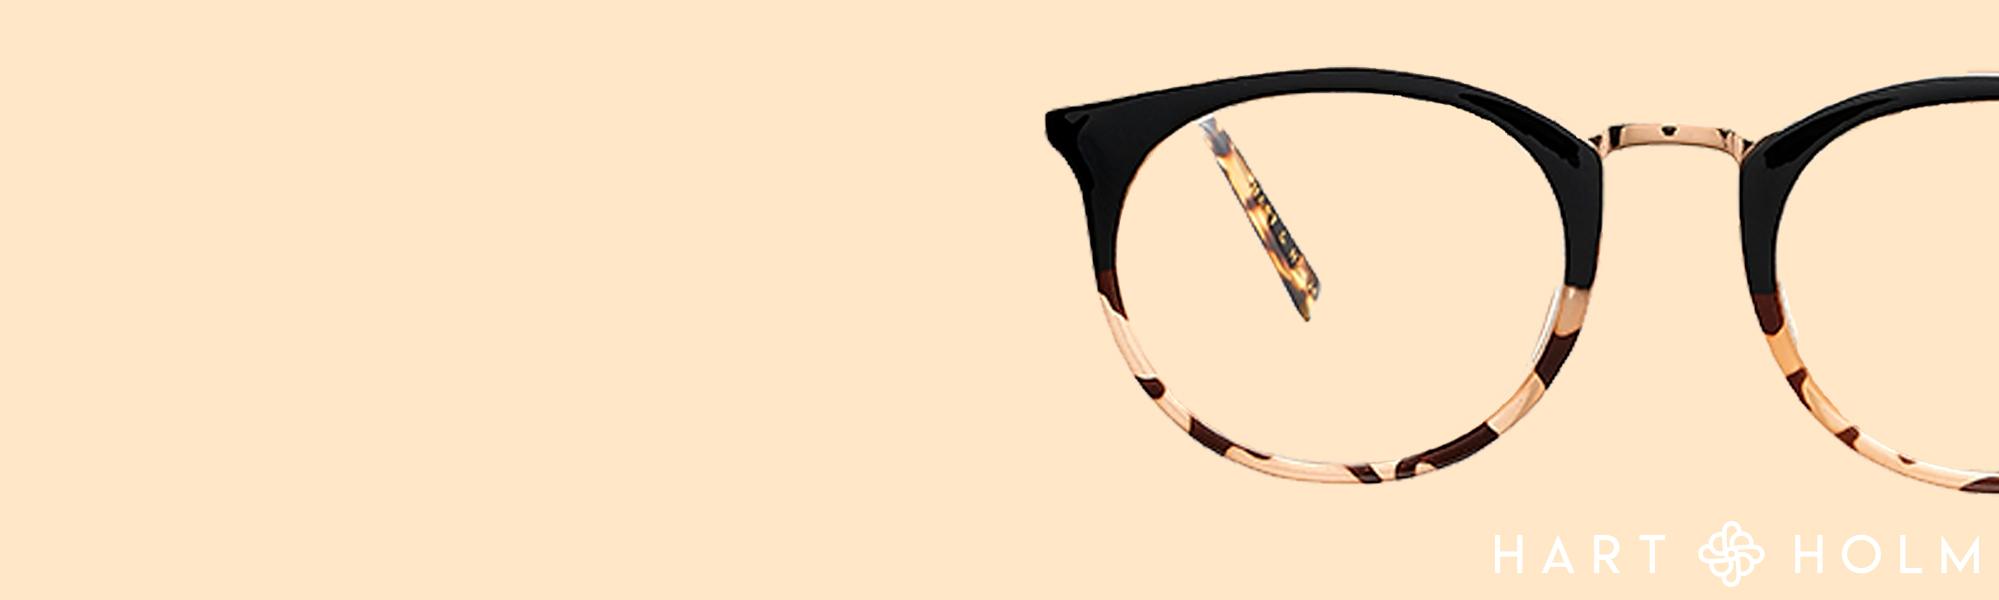 Minus briller